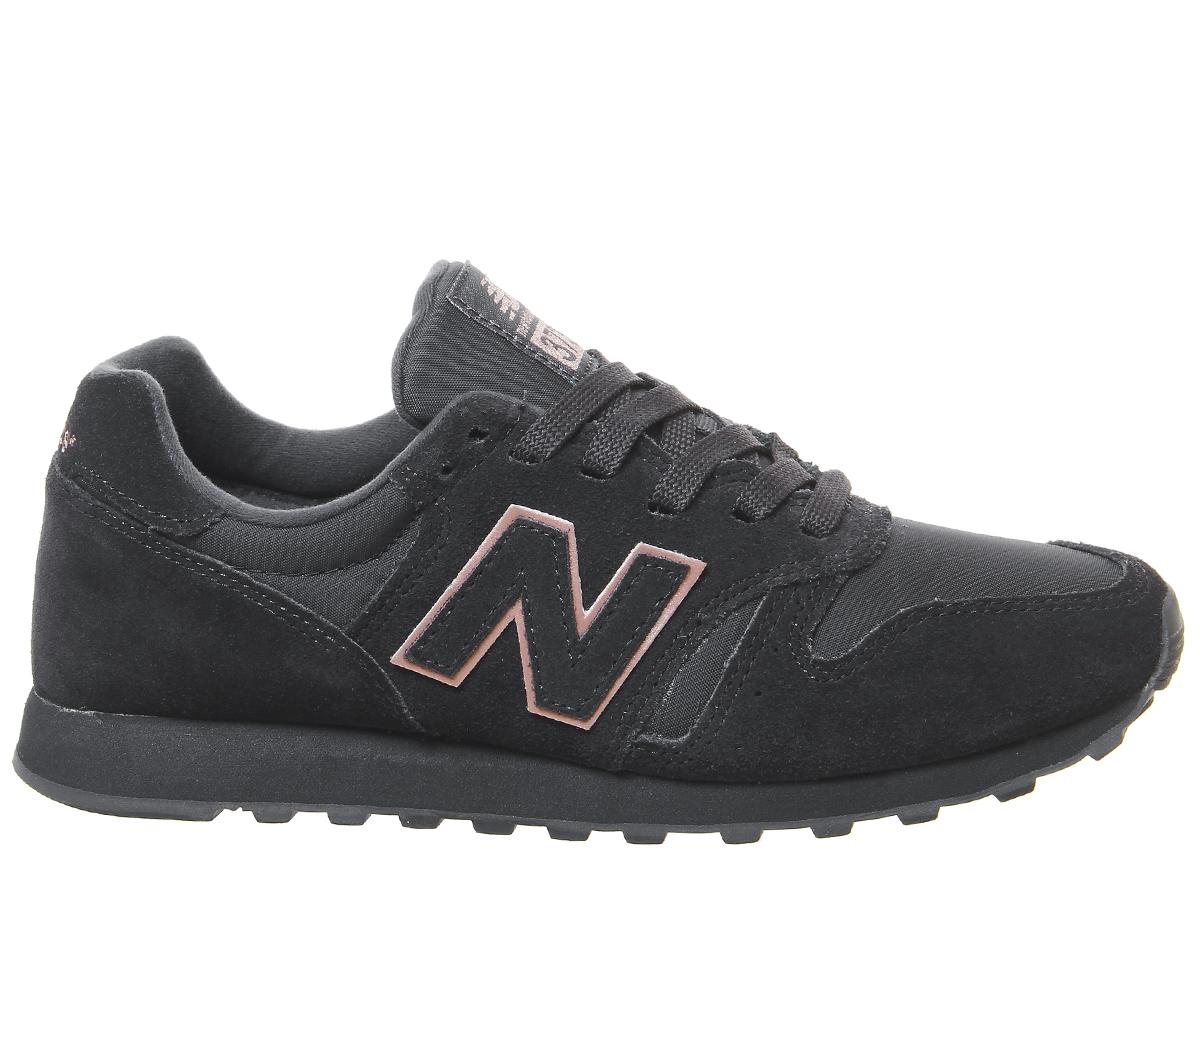 online store 7eb7f 139c4 Détails sur Chaussures Femme New Balance Wl373 Baskets Phantom Or Rose  Exclusive Trainers Shoes- afficher le titre d'origine